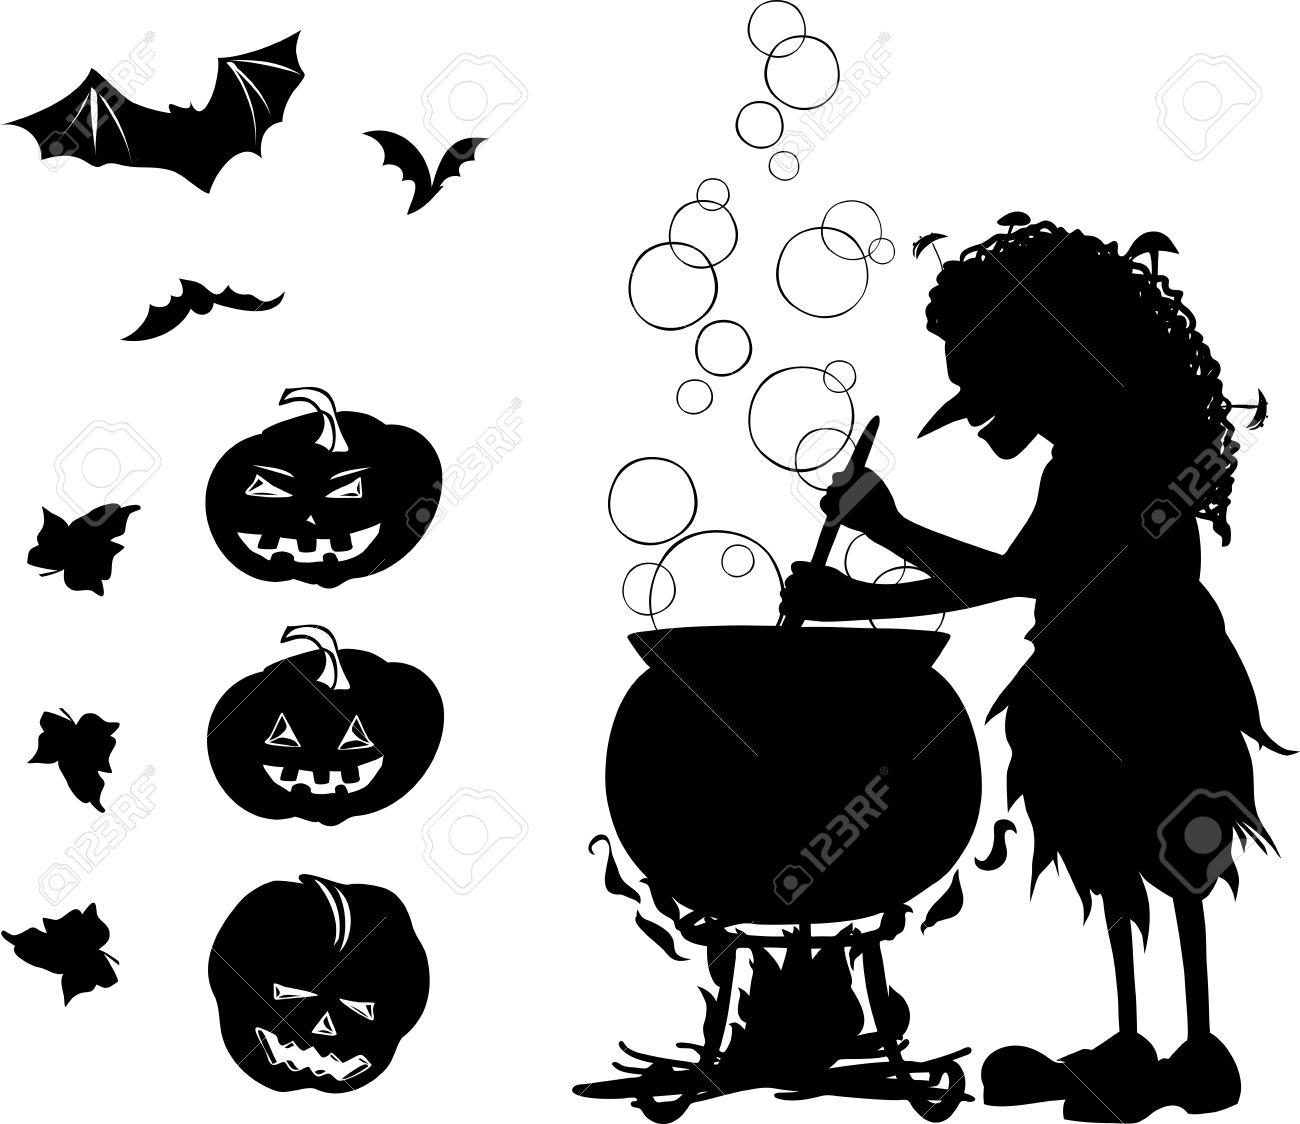 Foto de archivo , Halloween del negro de dibujos animados de un conjunto de colores con silueta de la vieja bruja que cocinar algo en su caldero,